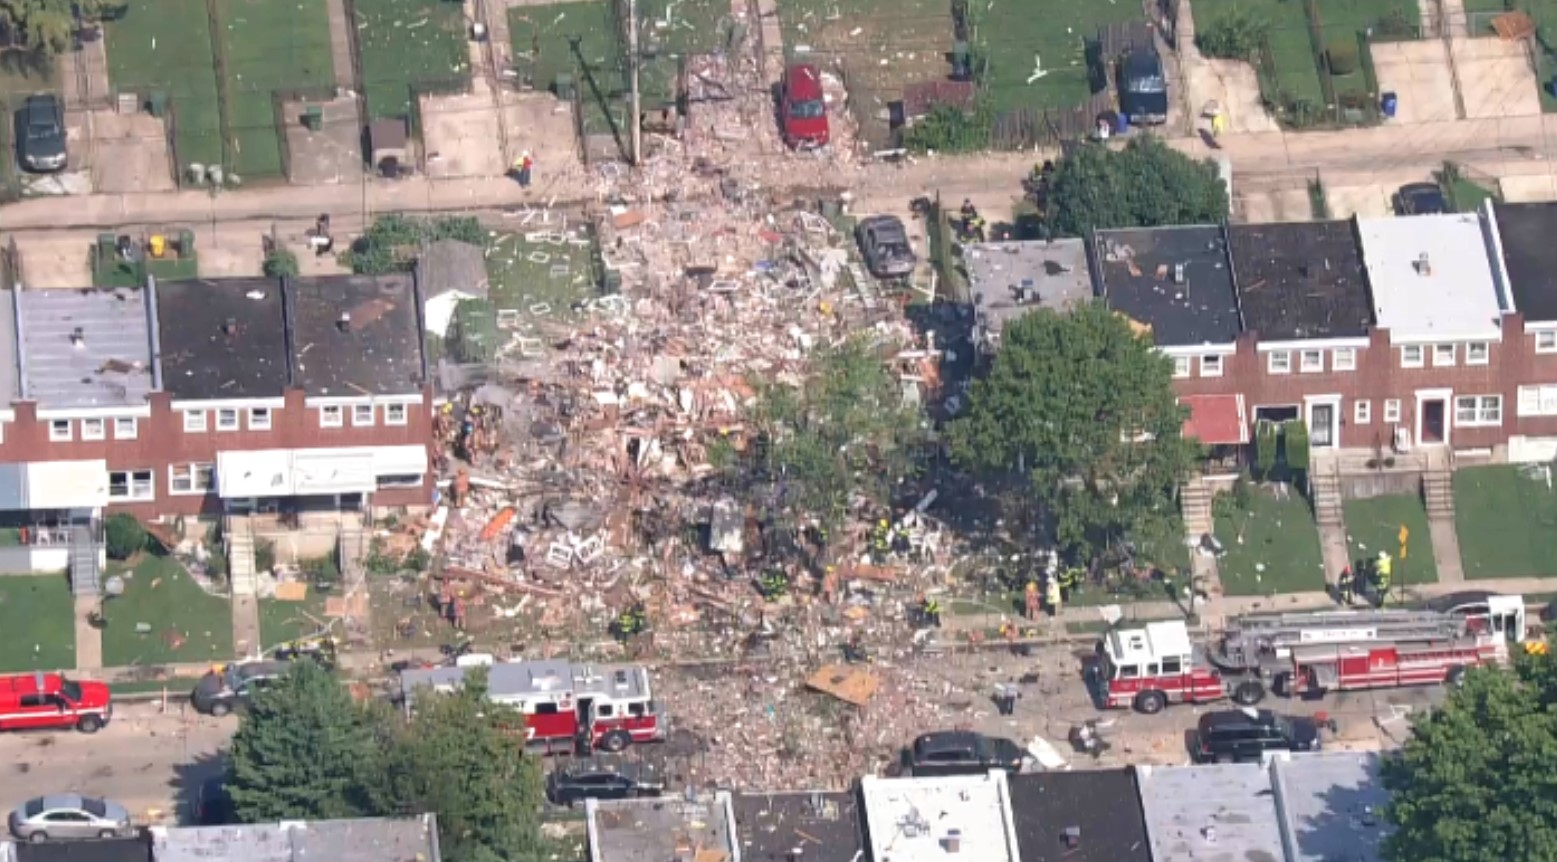 Video: Gran explosión en Baltimore, EU, destruye 3 edificios residenciales | El Imparcial de Oaxaca